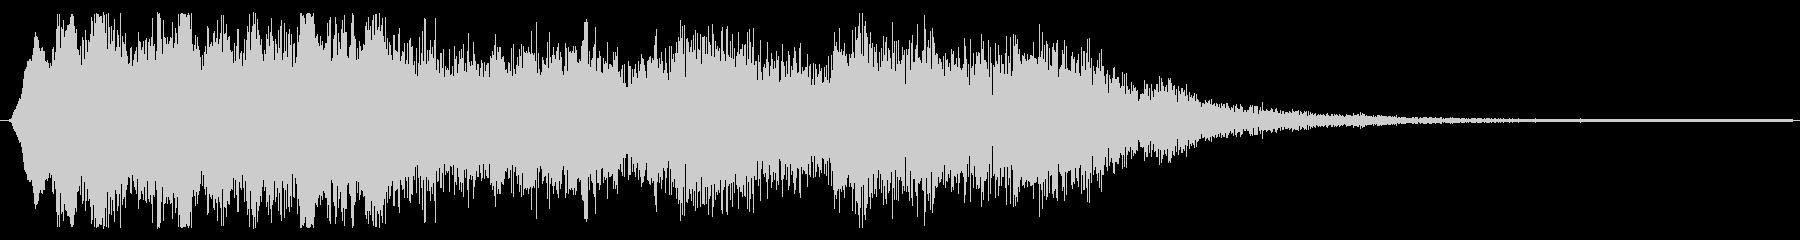 クラシカルな場面転換 バイオリンフレーズの未再生の波形